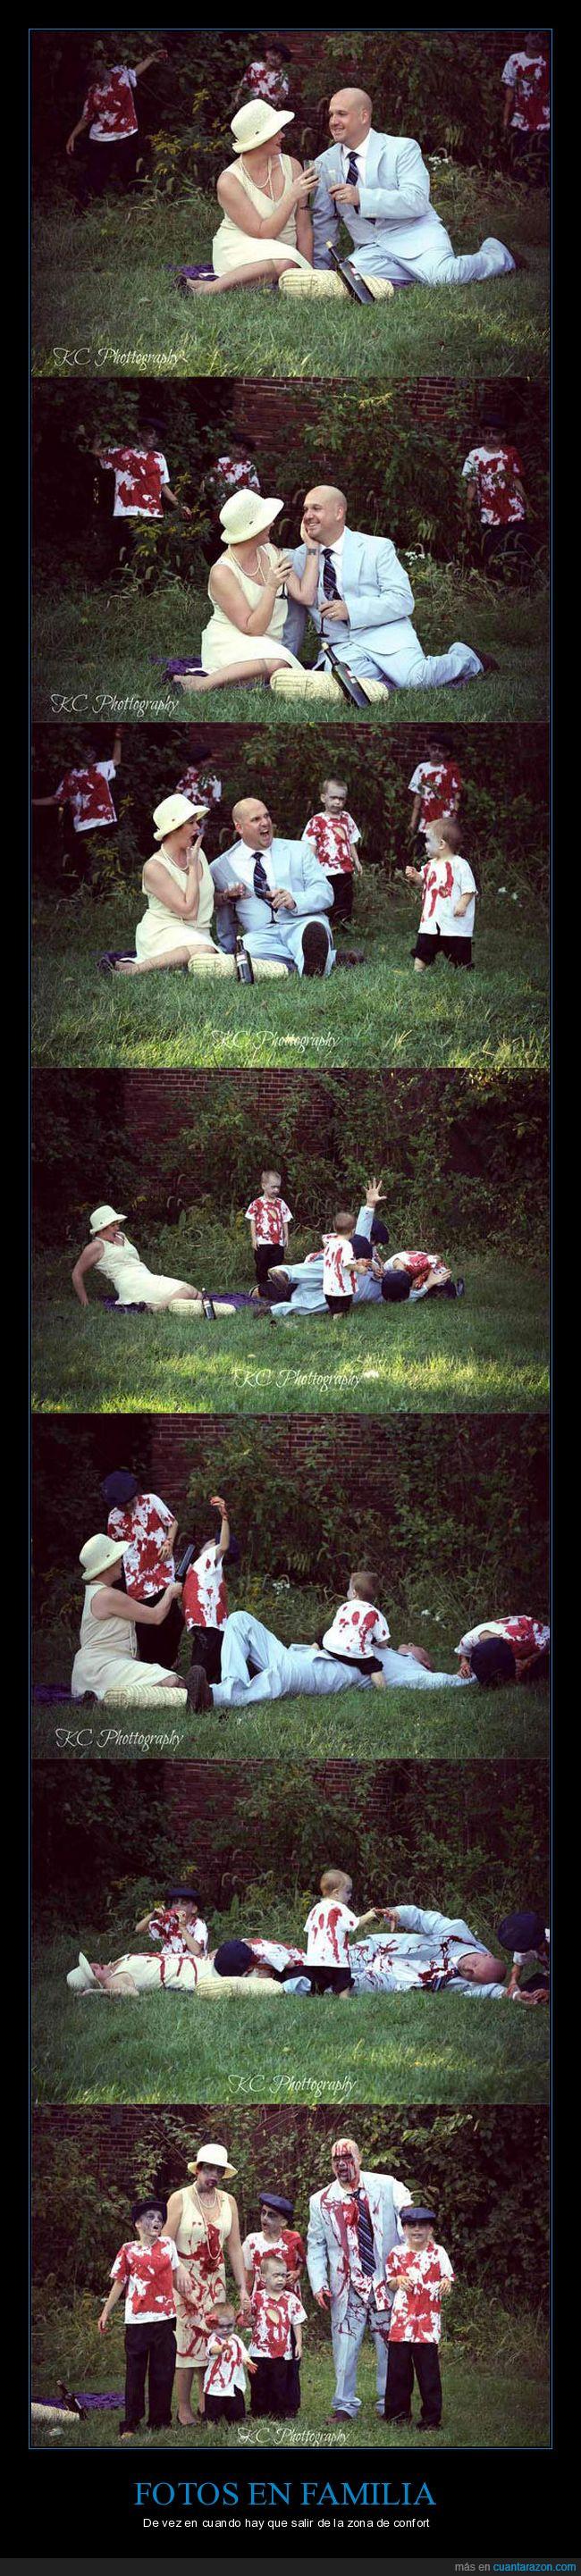 familia,fotografías,fotos,zombies